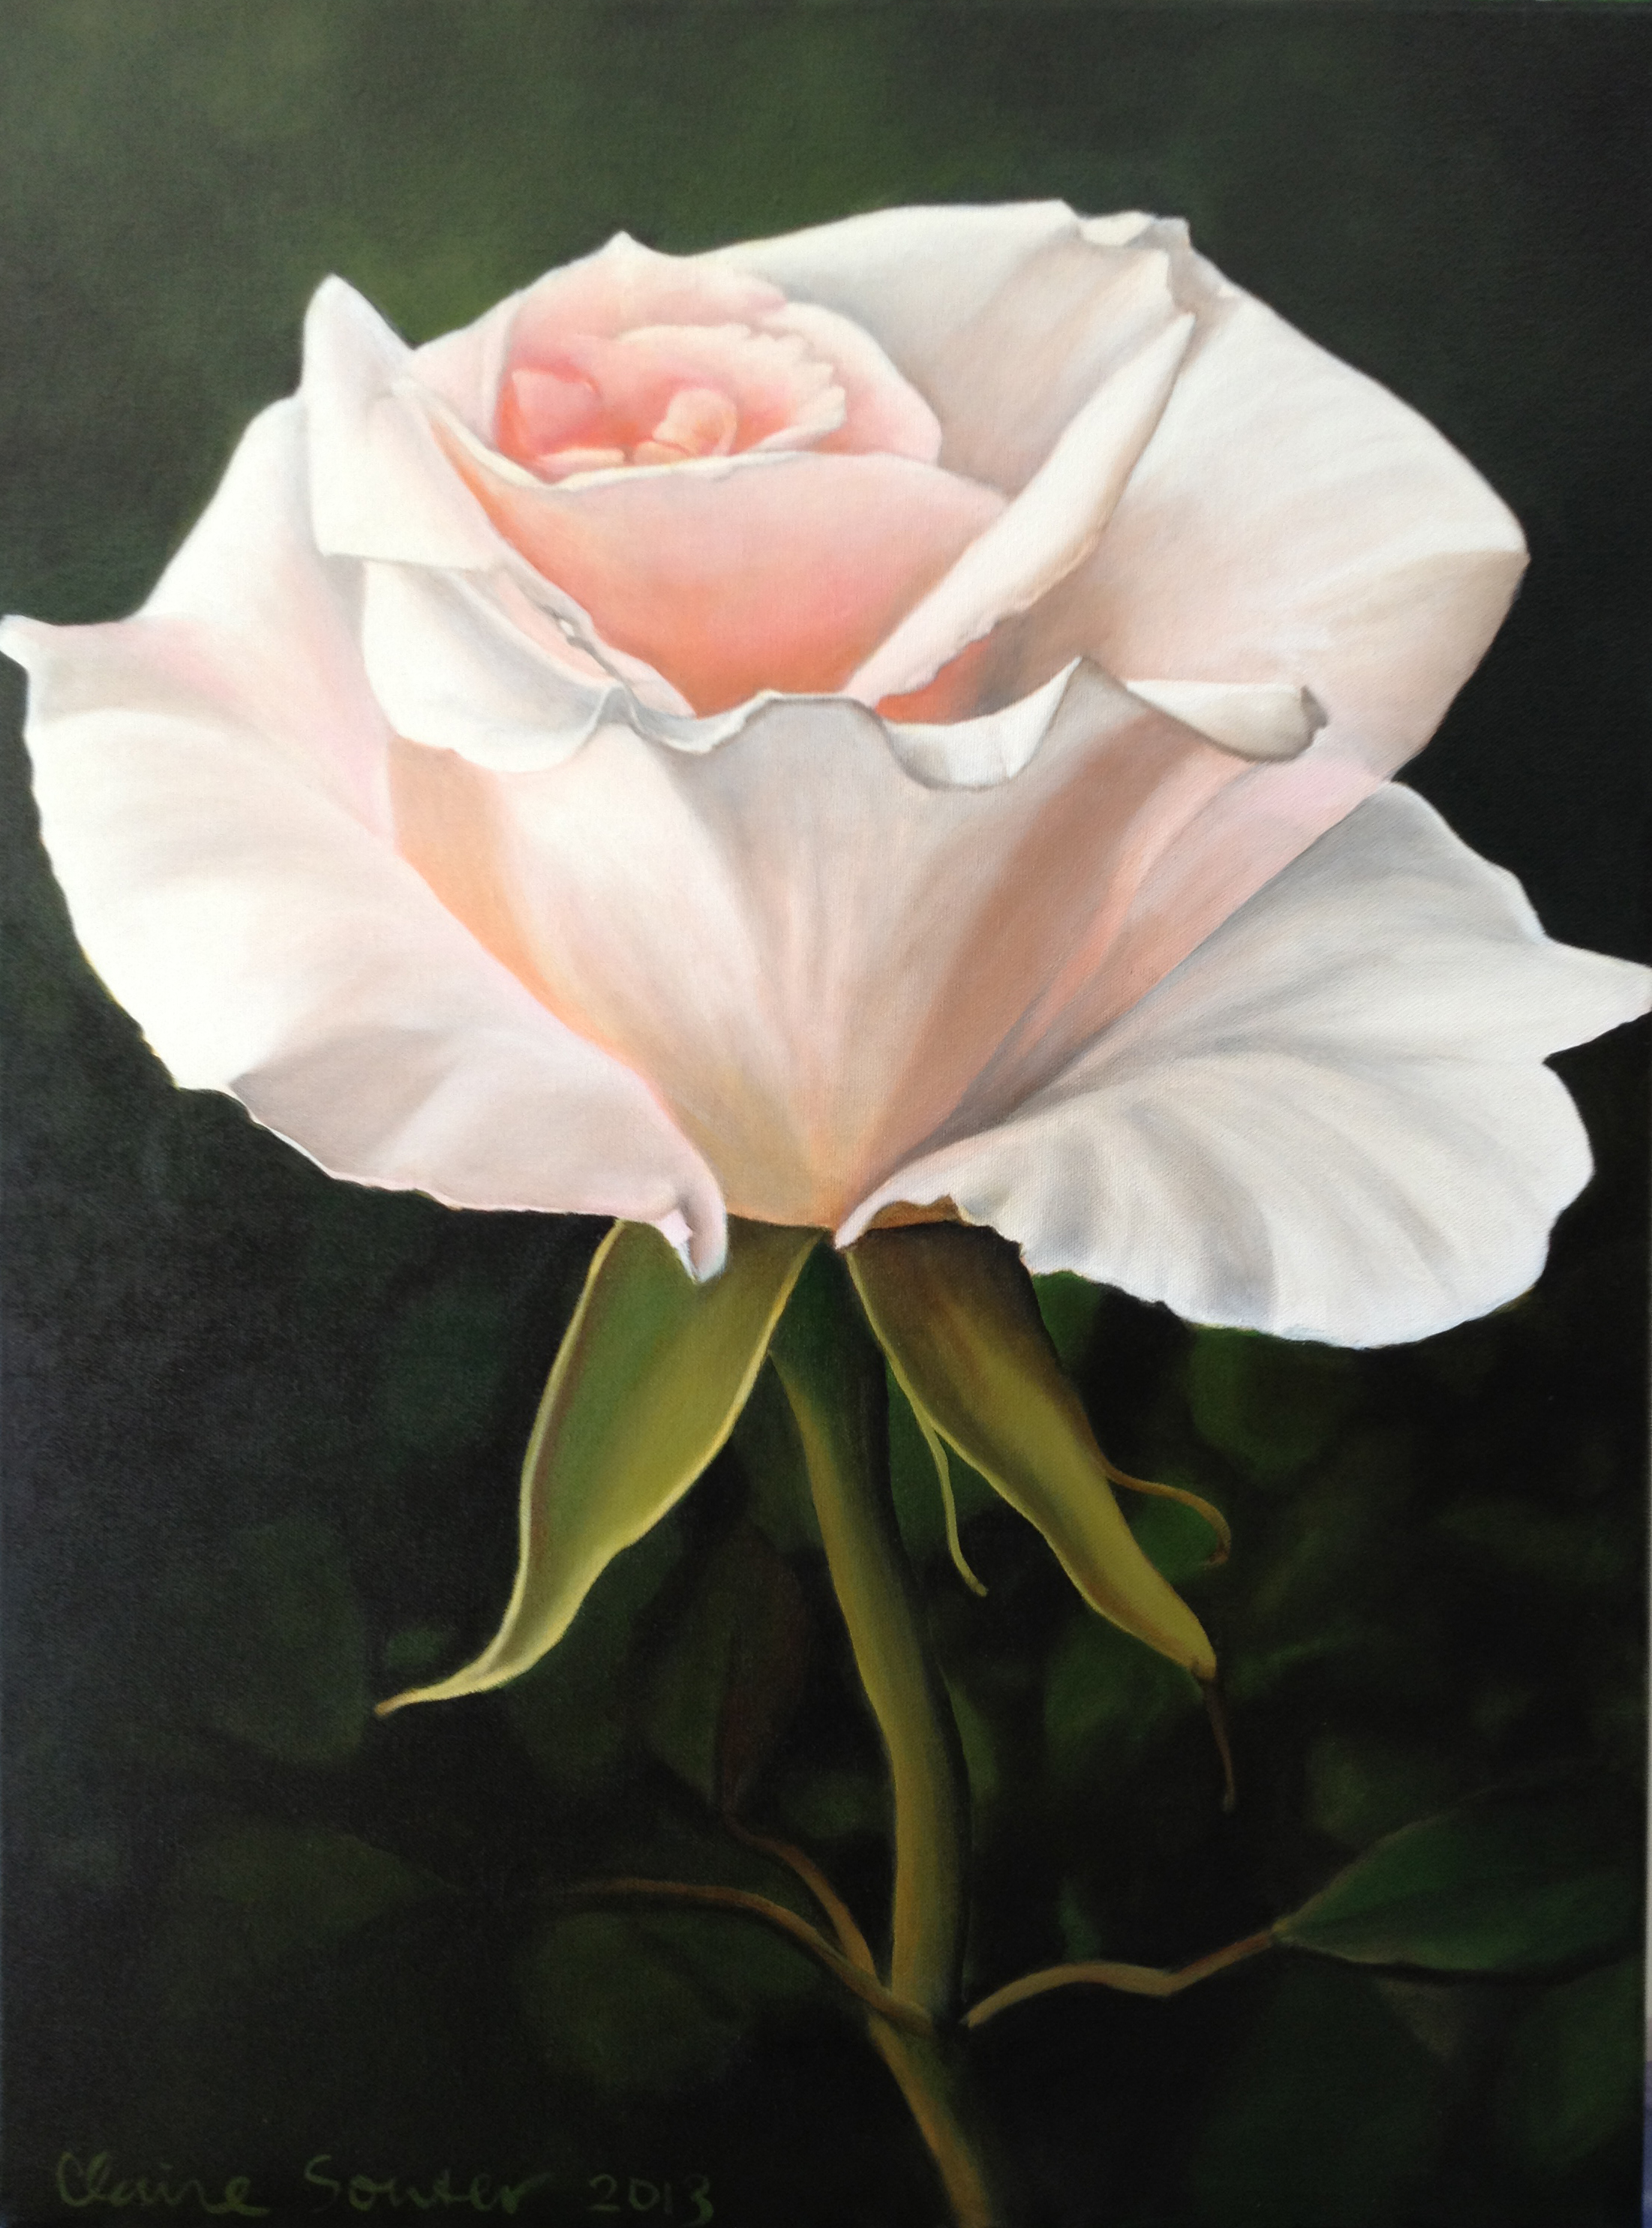 Luke's rose